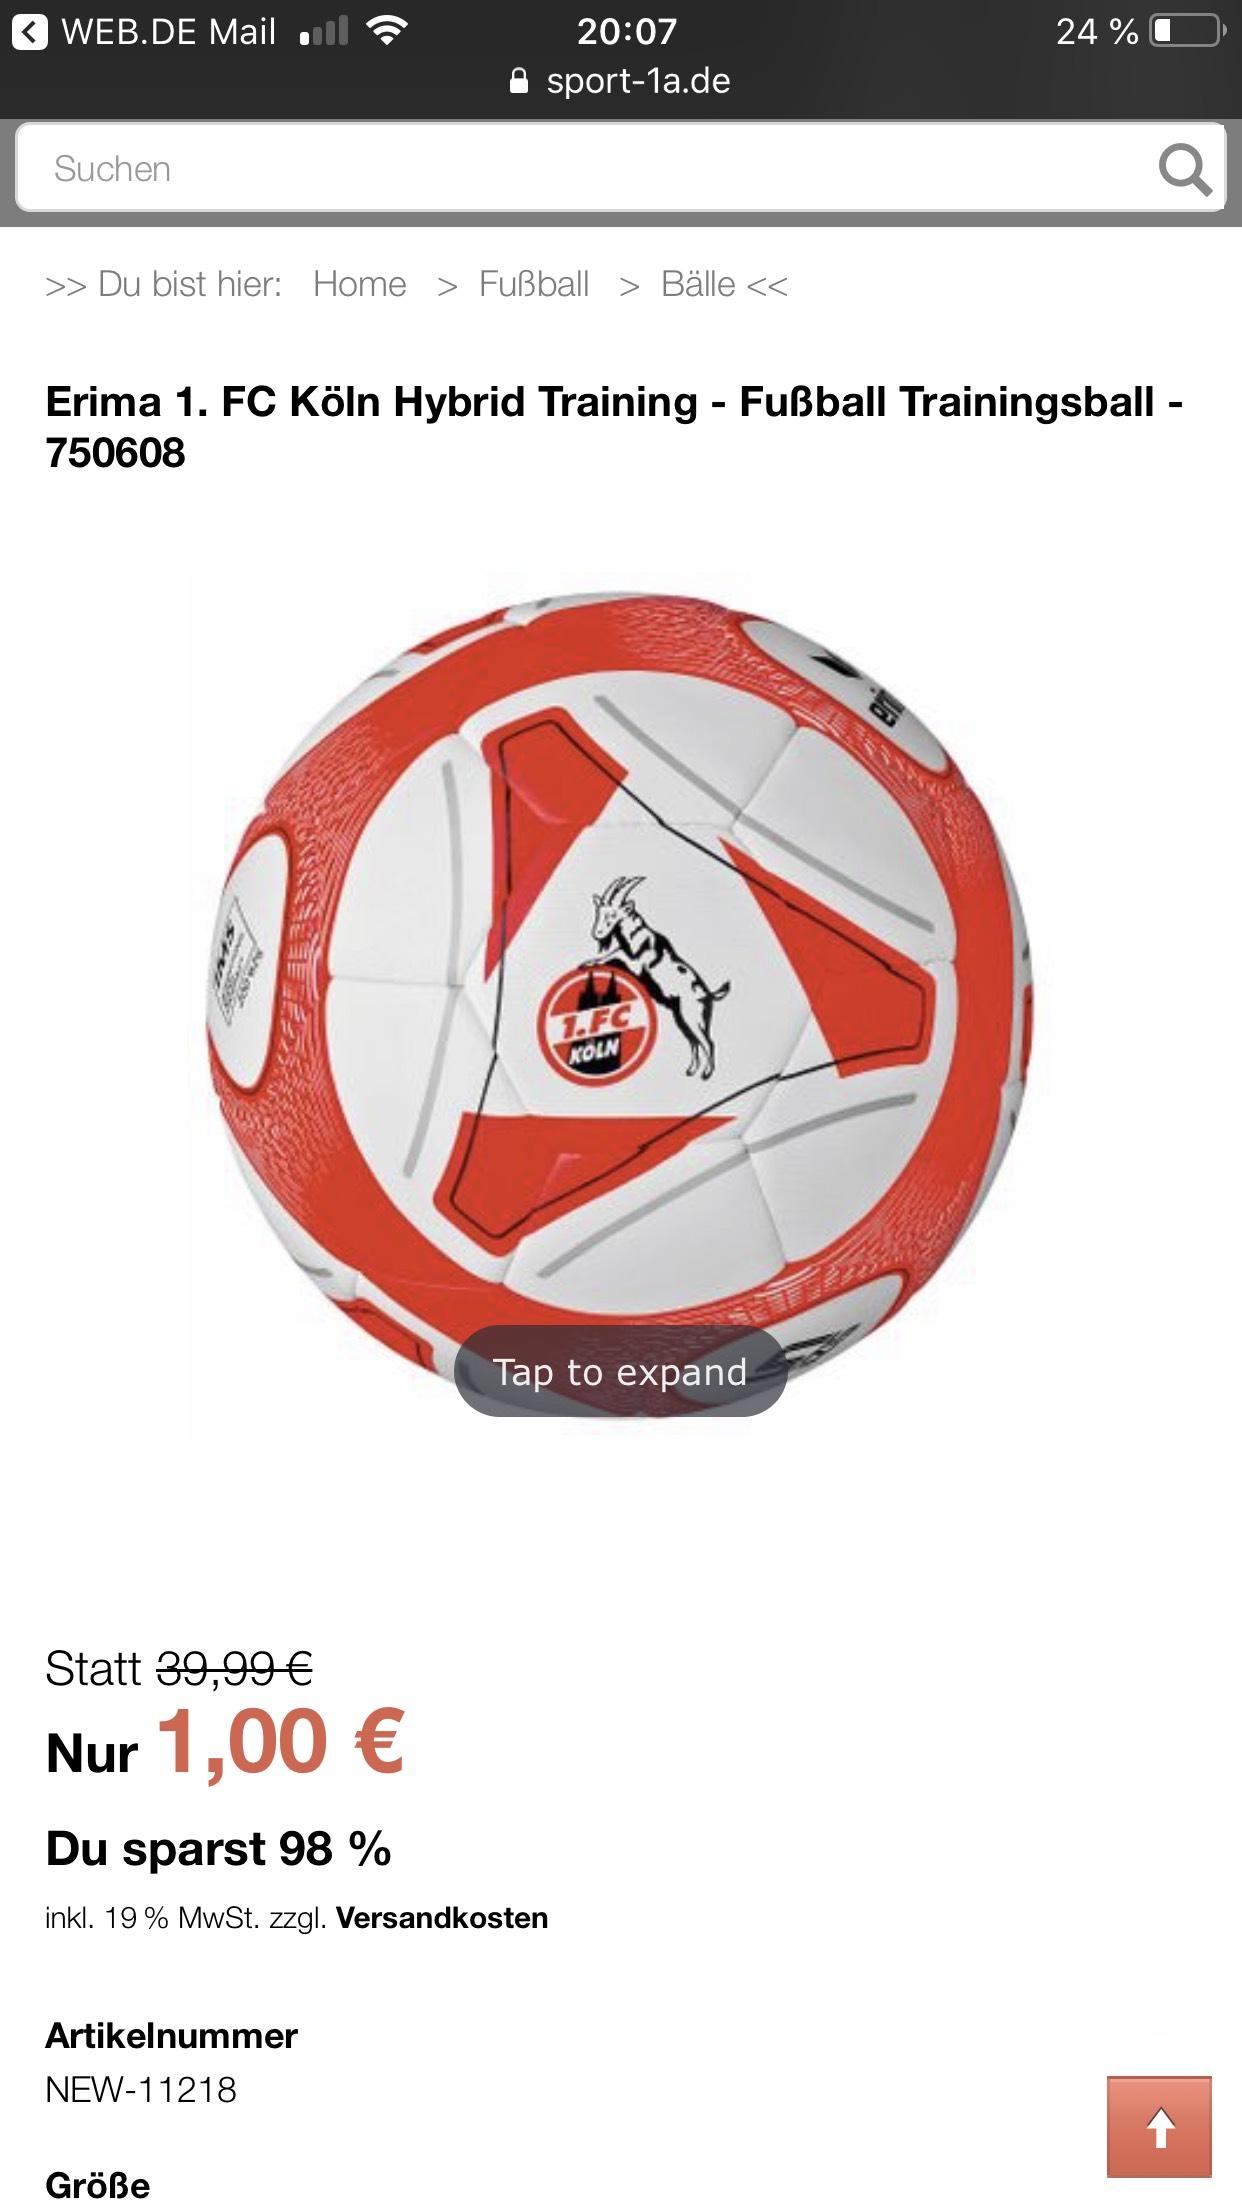 Fußball 1. FC Köln